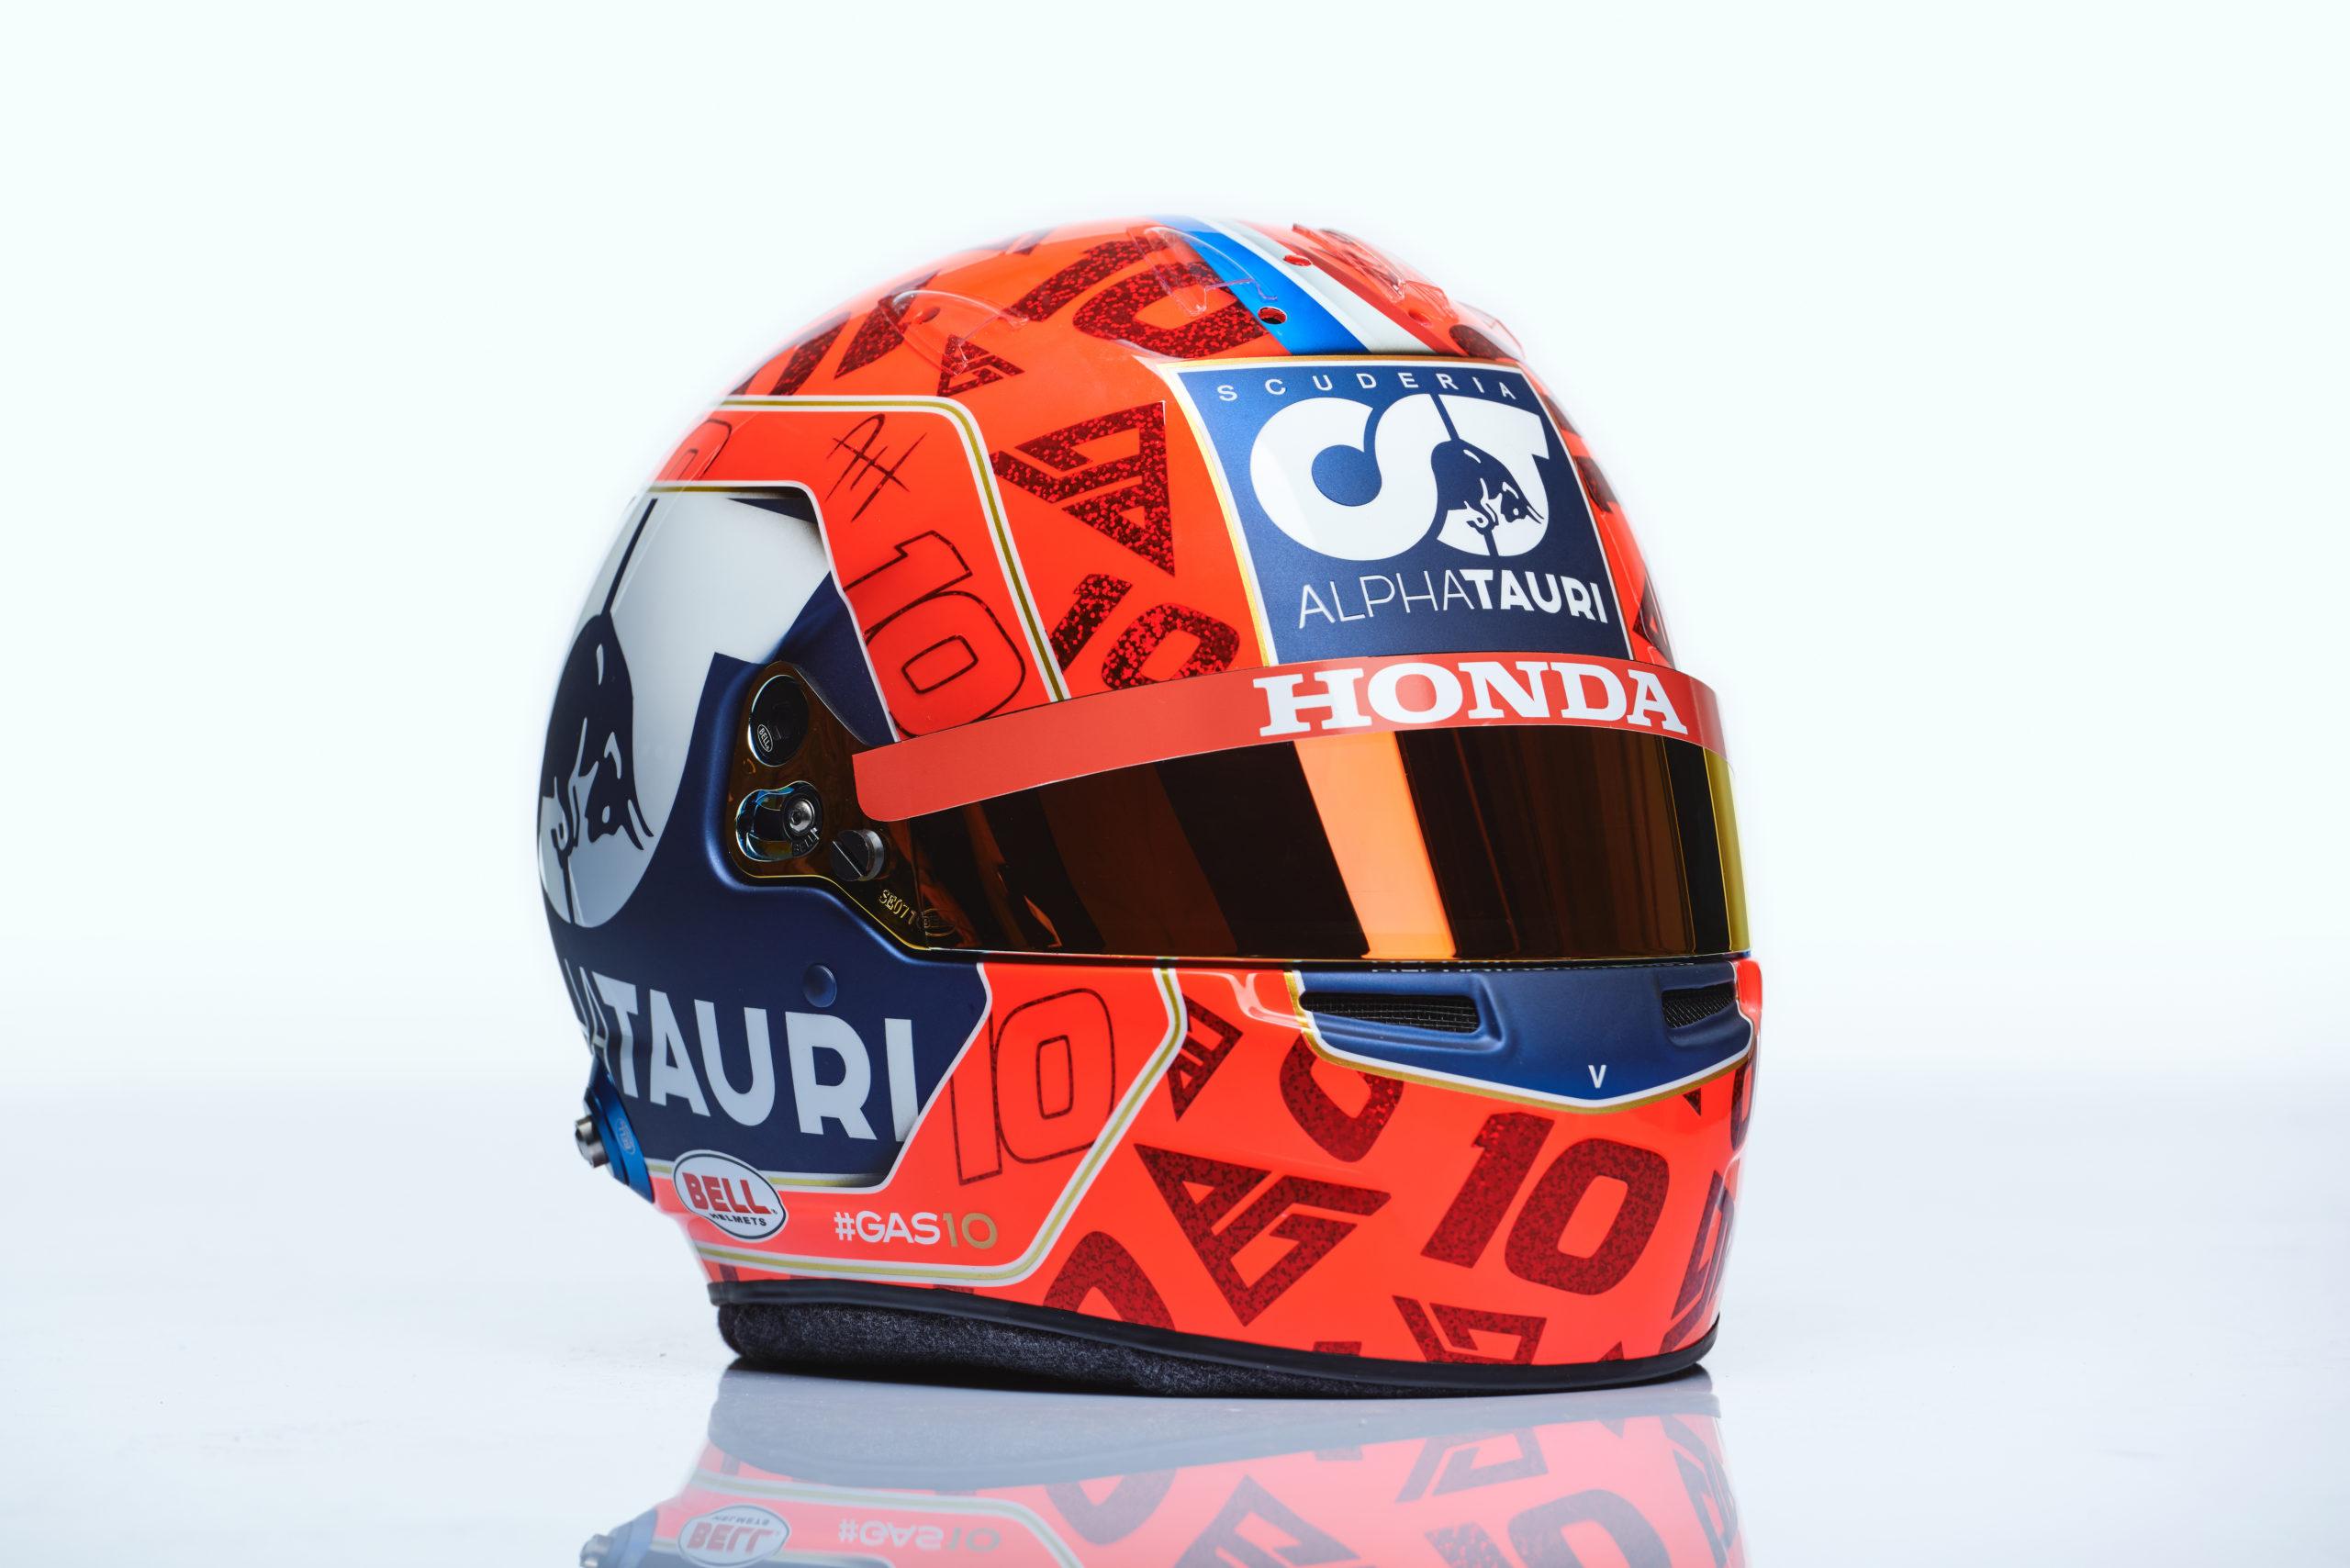 Formel 1 Helm 2021 Gasly